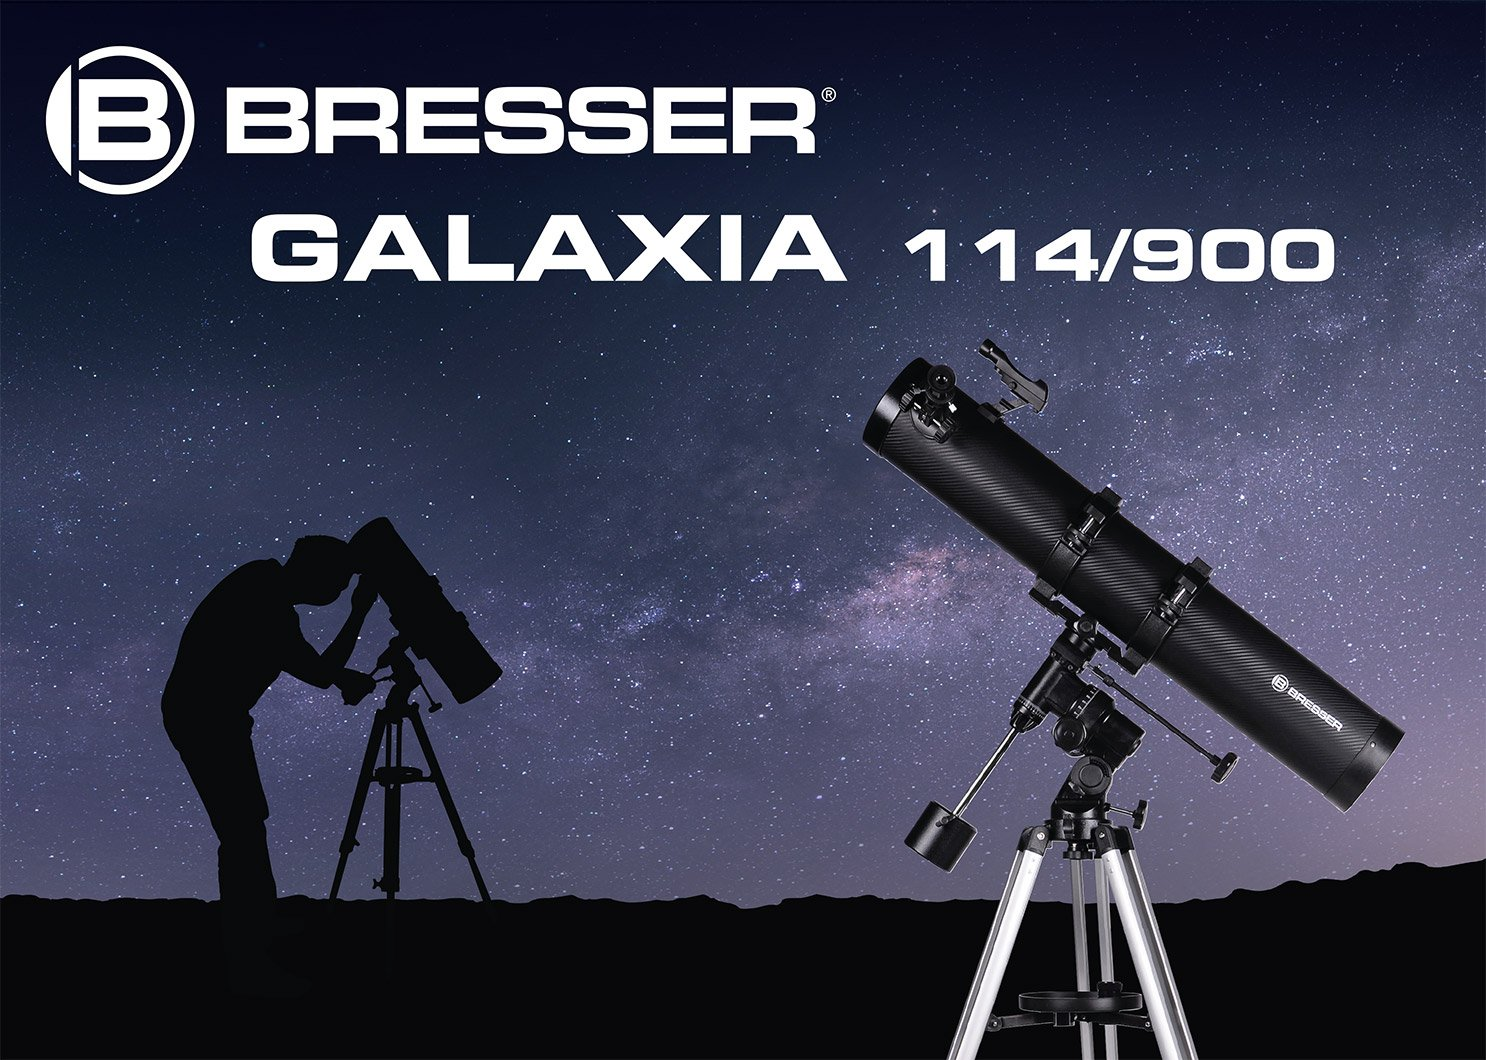 Bresser spiegelteleskop galaxia eq sky amazon kamera